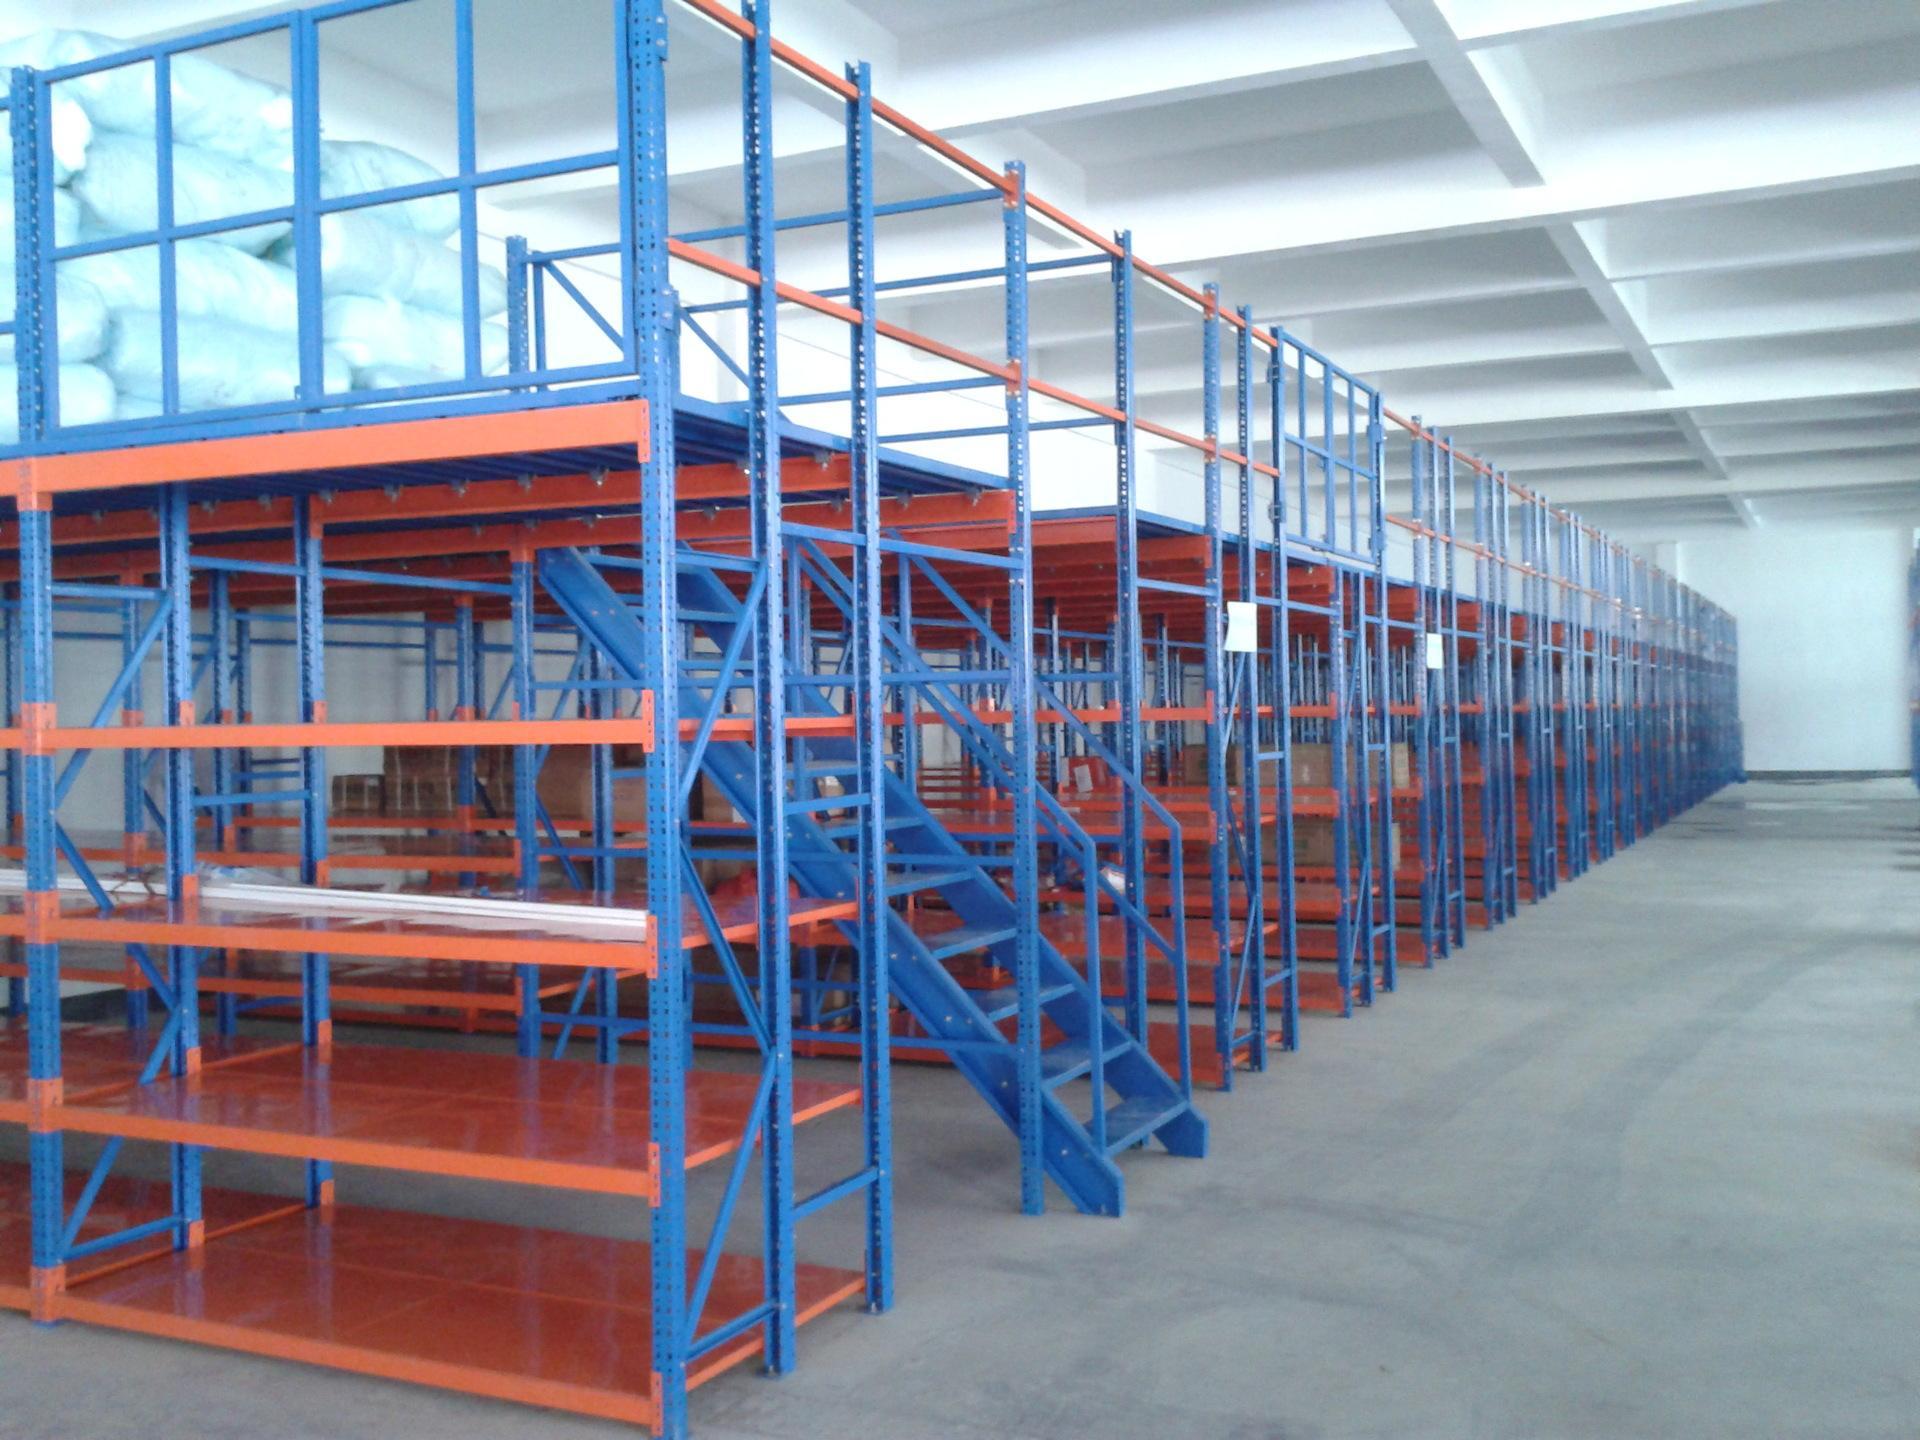 阁楼式货架的优点和缺点分别有哪些